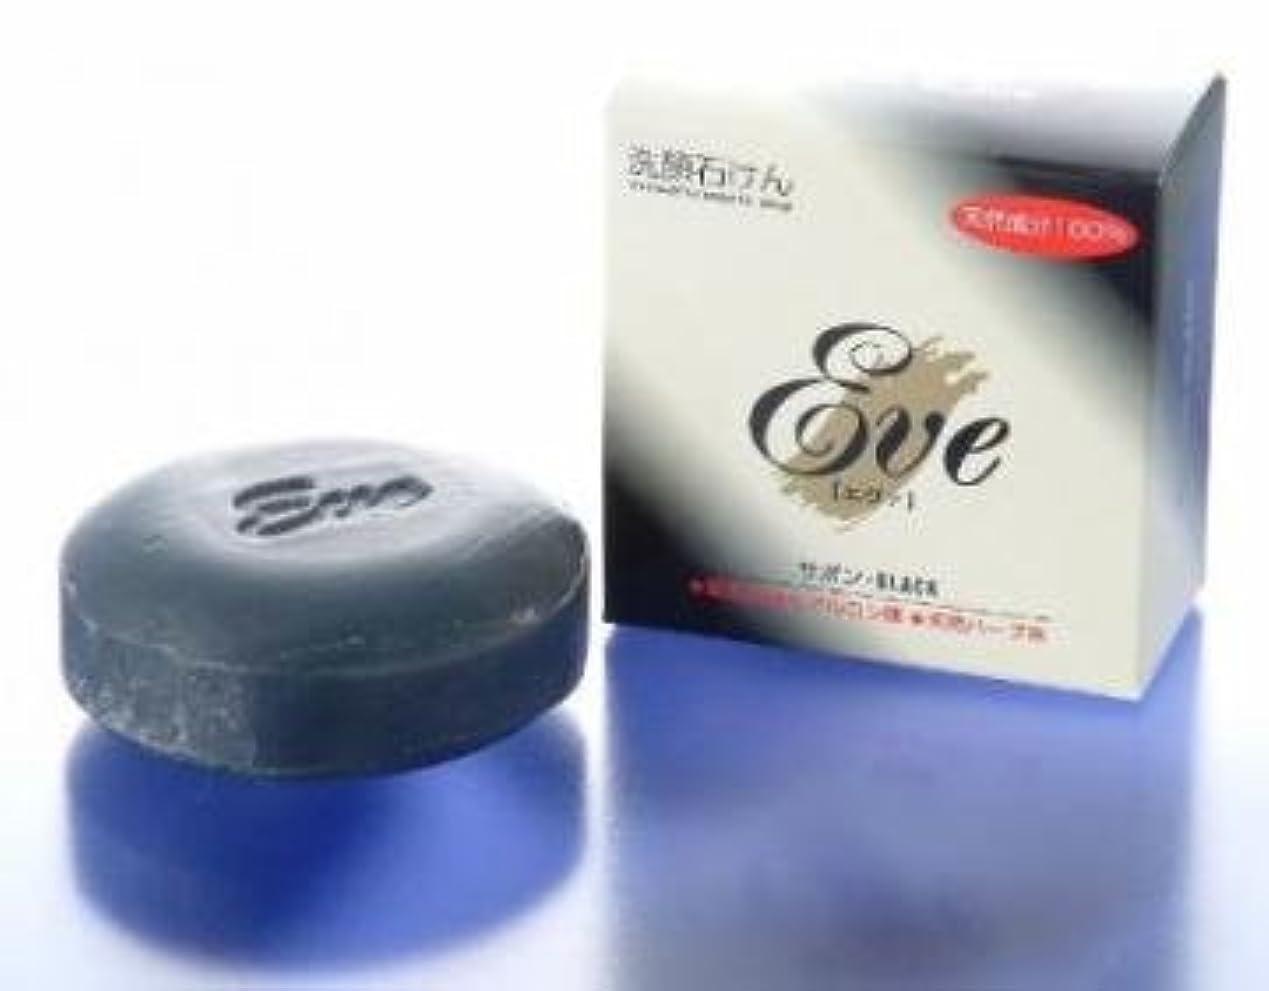 サルベージ賞以上★6個セット☆炭石鹸 サボンブラック(クレンジングのいらない石鹸)